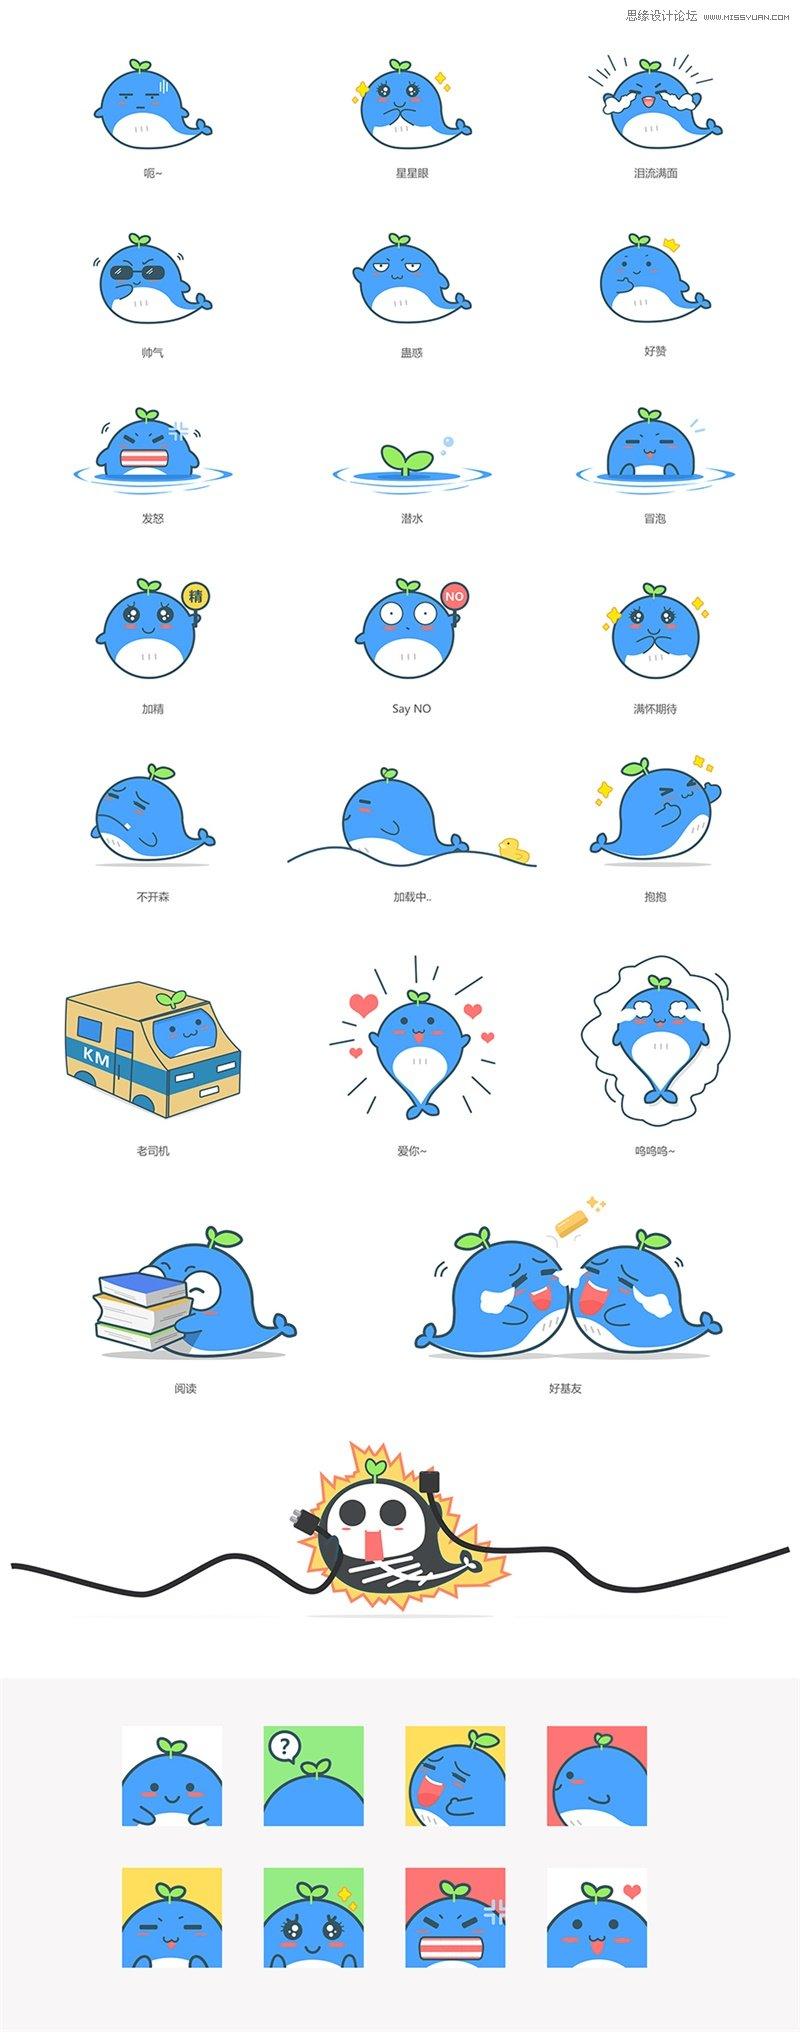 騰訊設計師如何通過吉祥物設計總結經驗